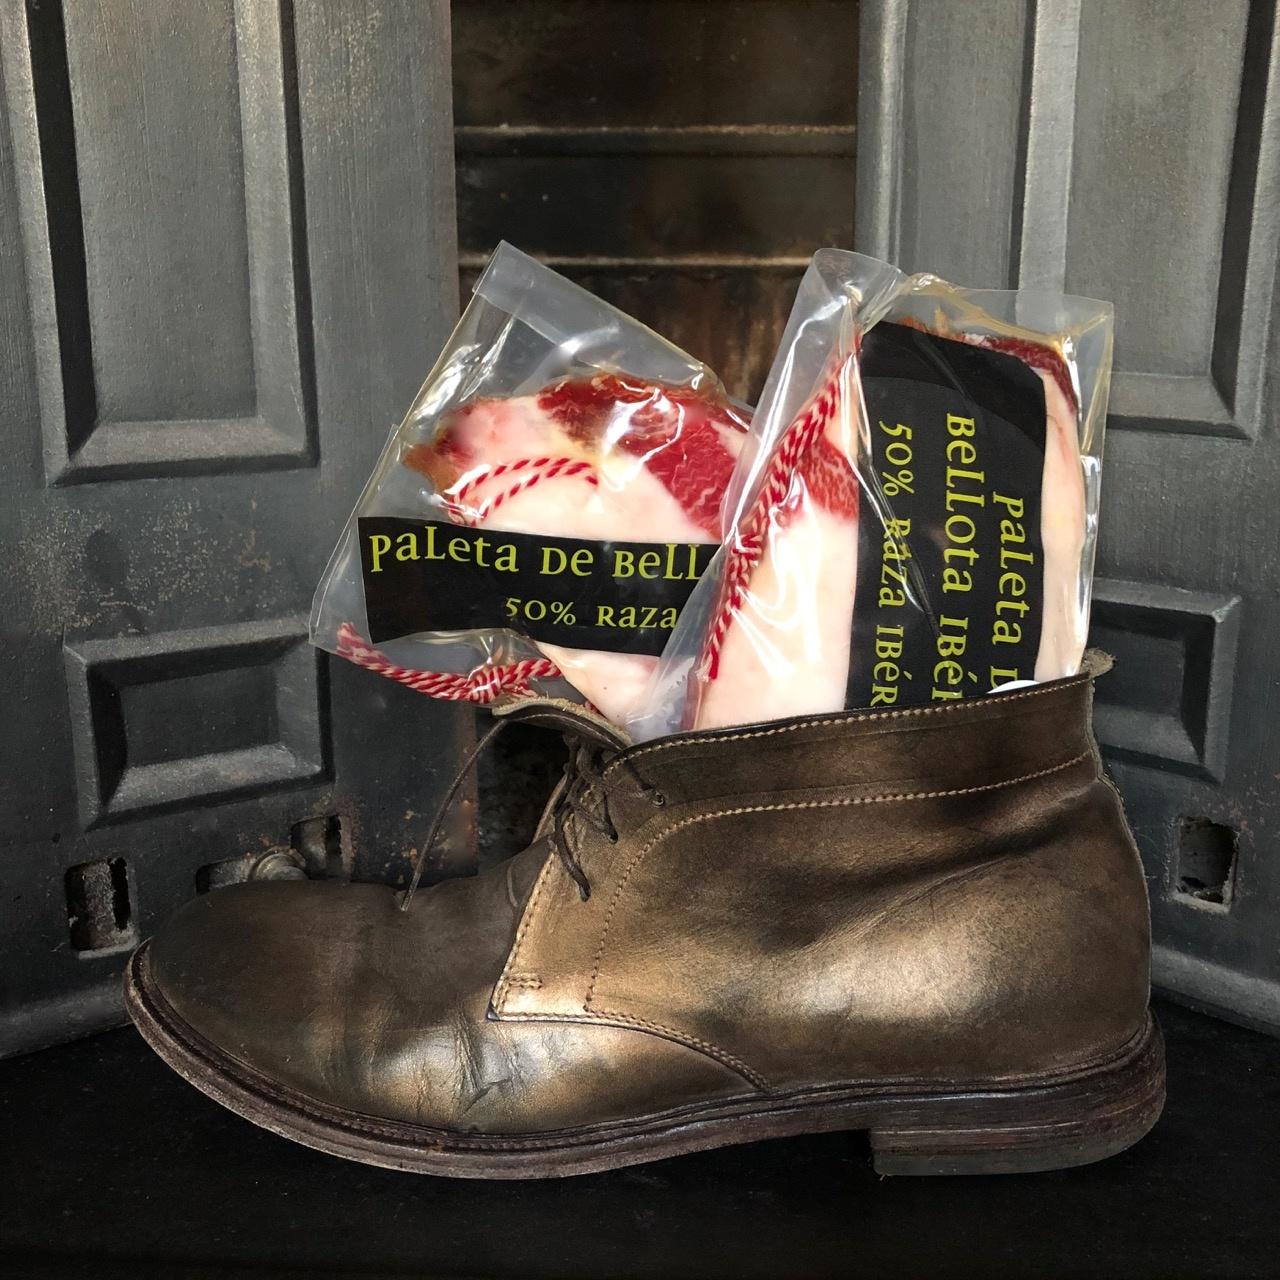 Vul je schoen | Slagerij De Leeuw Amsterdam